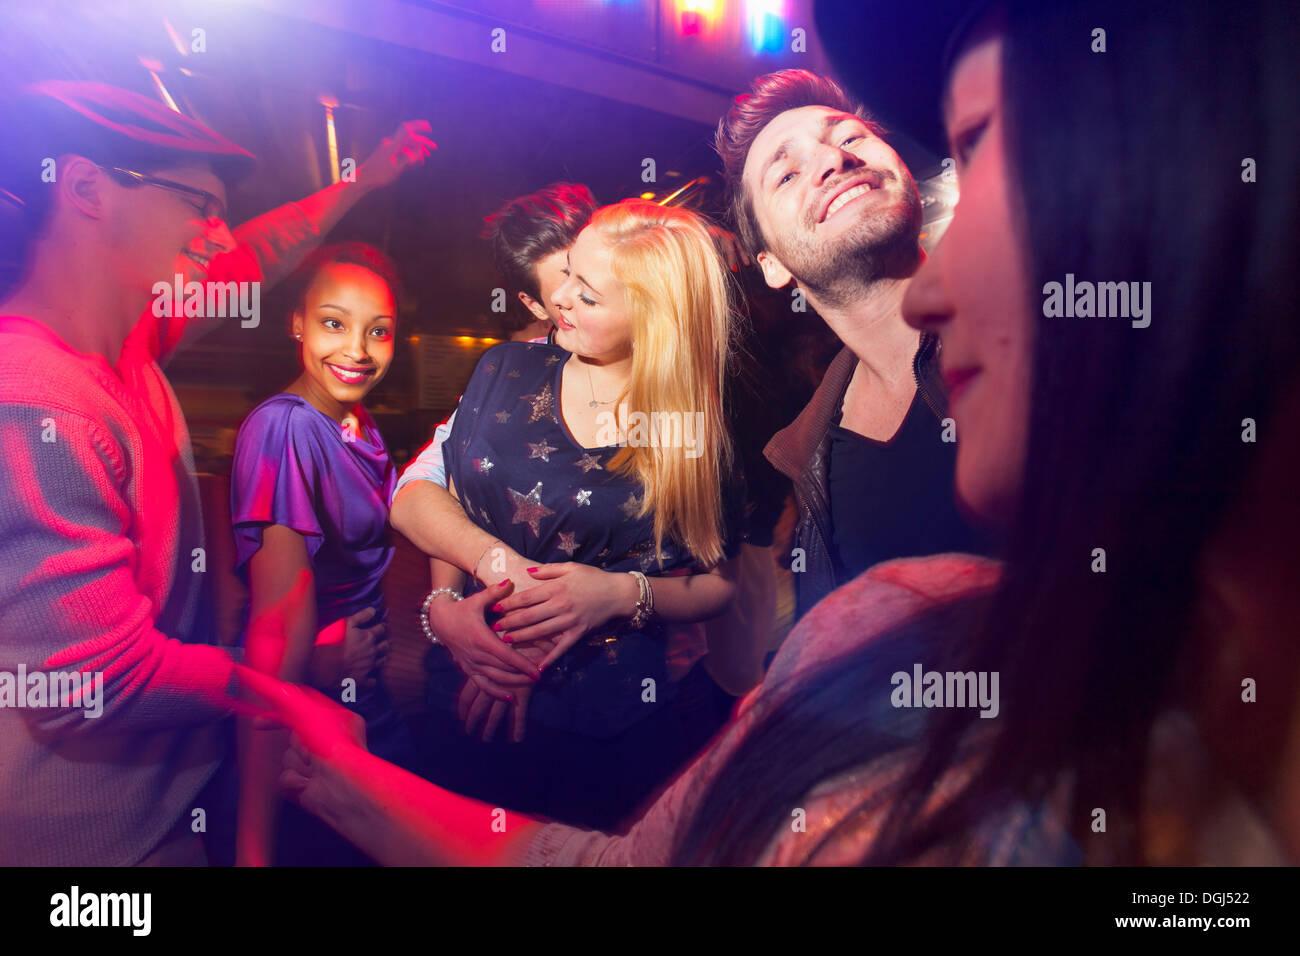 Groupe de personnes au parti, man kissing woman's neck Photo Stock